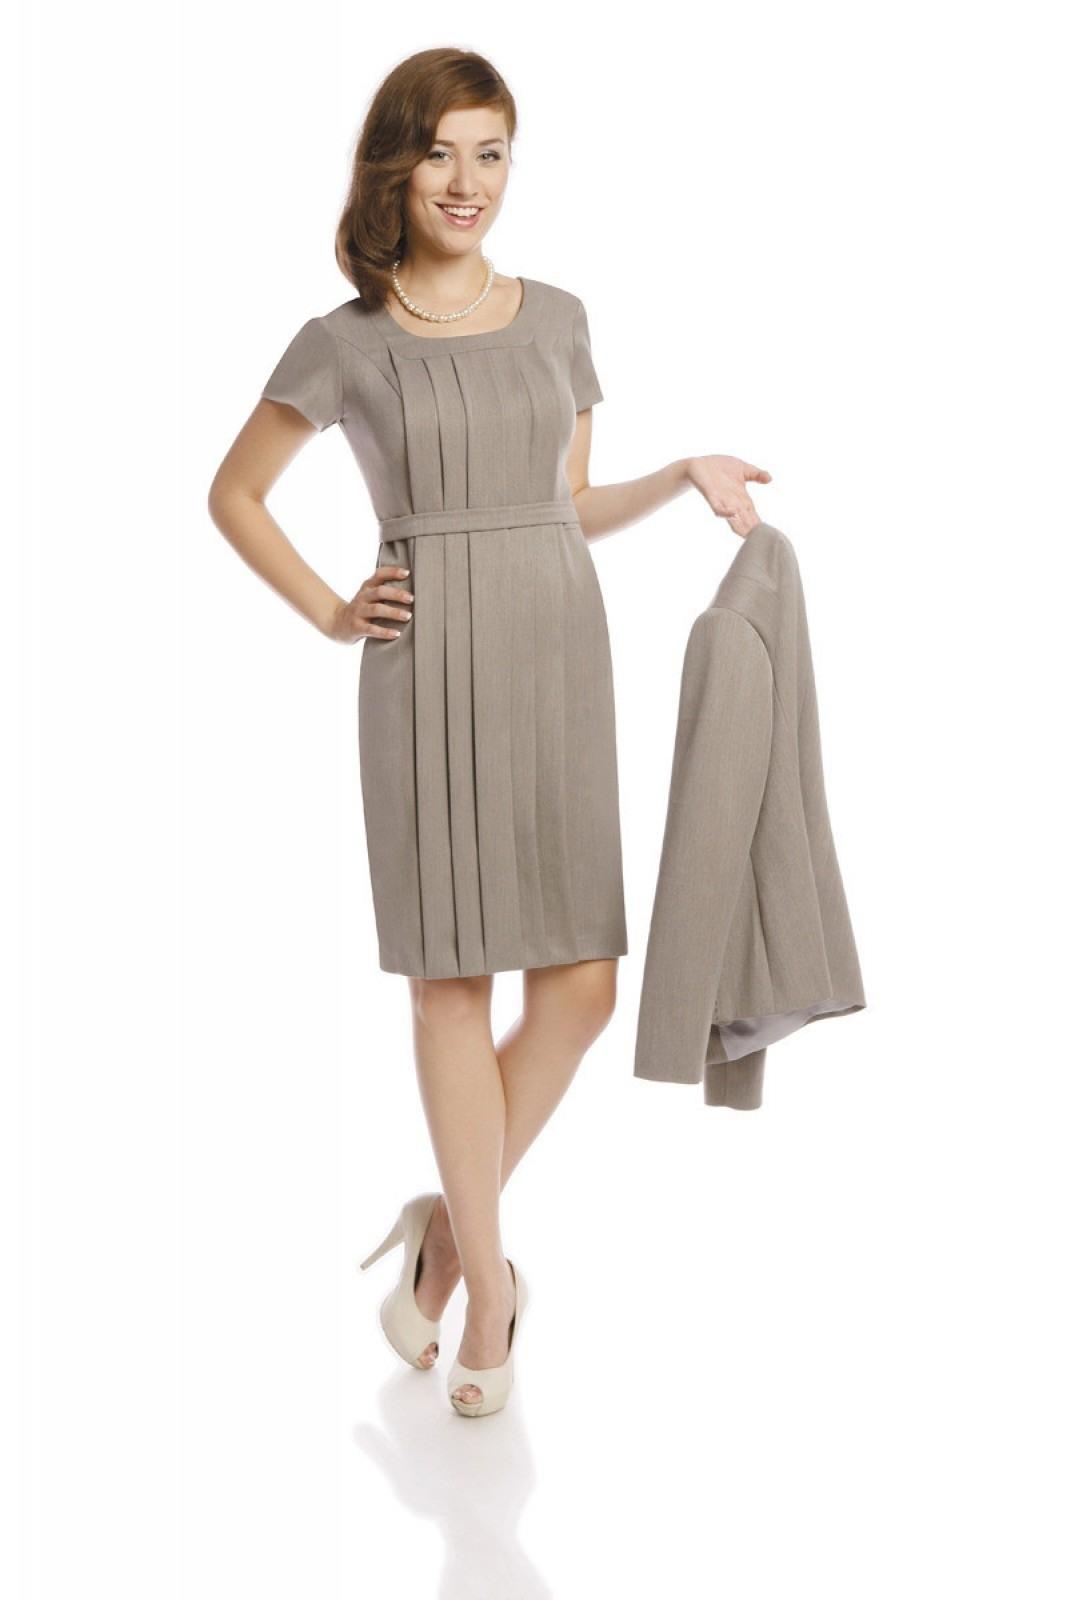 Formal Top Jäckchen Für Kleid Design Schön Jäckchen Für Kleid Design